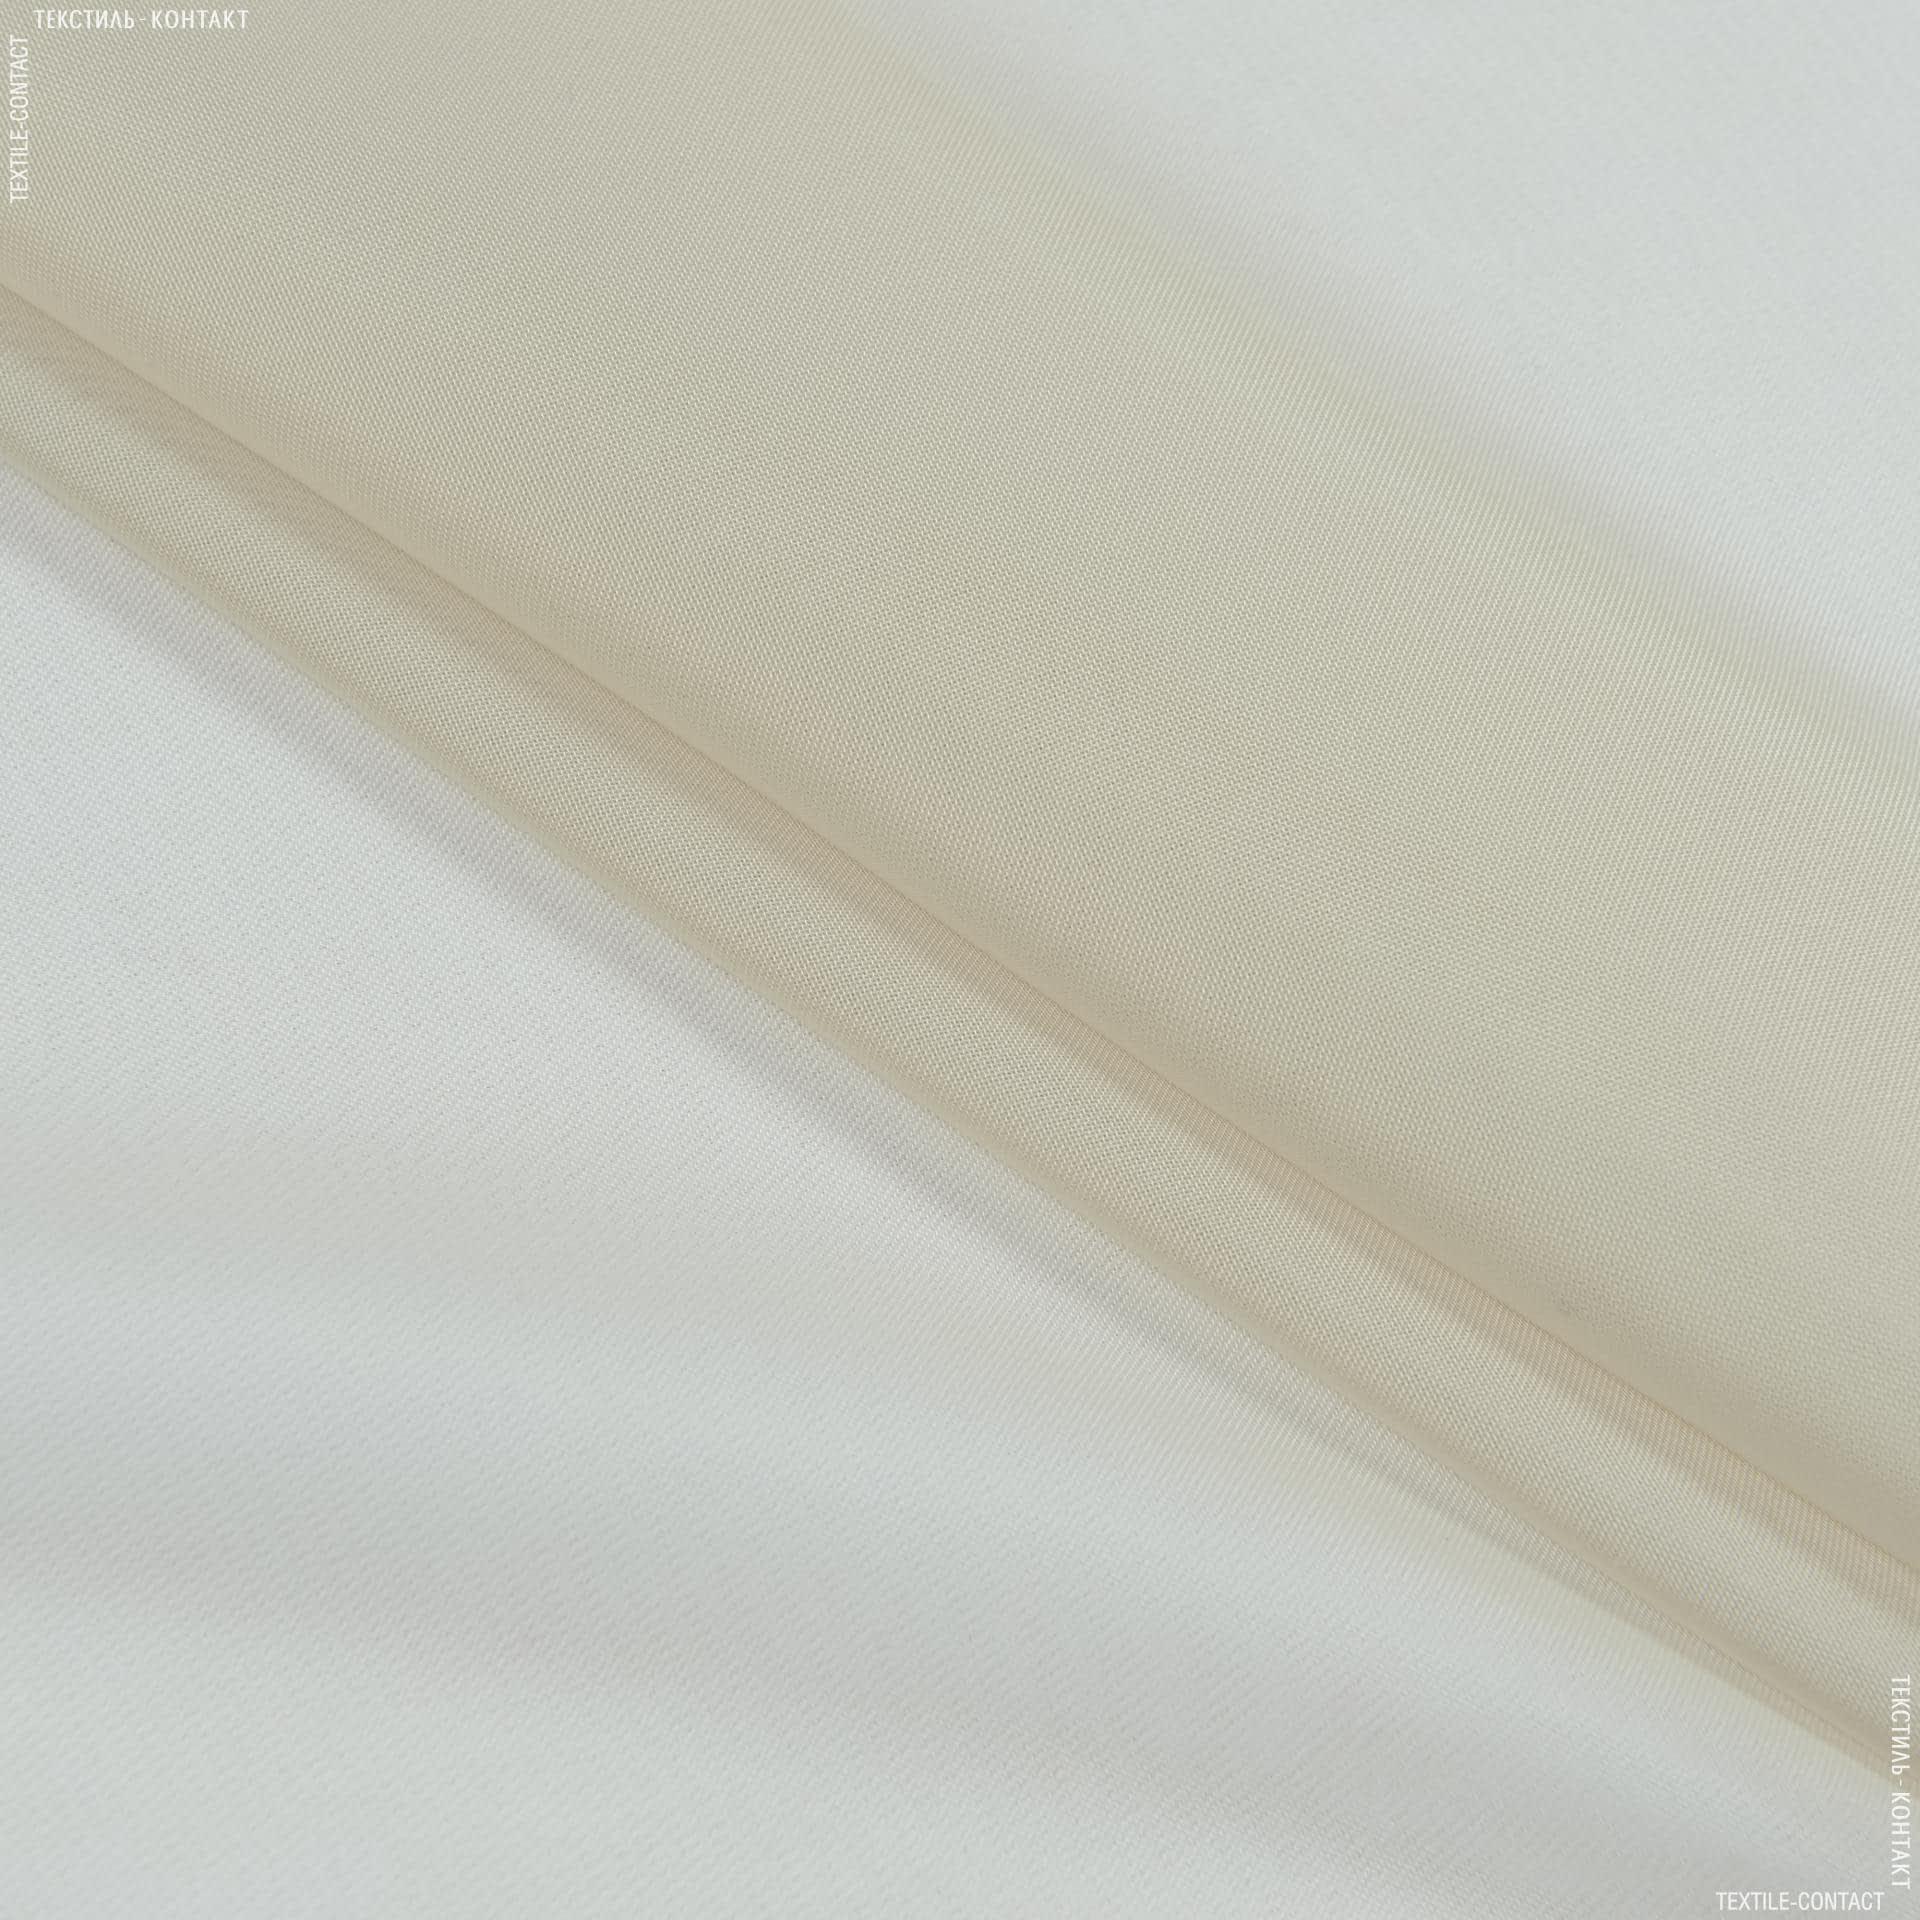 Ткани для драпировки стен и потолков - Тюль  вуаль св. песок